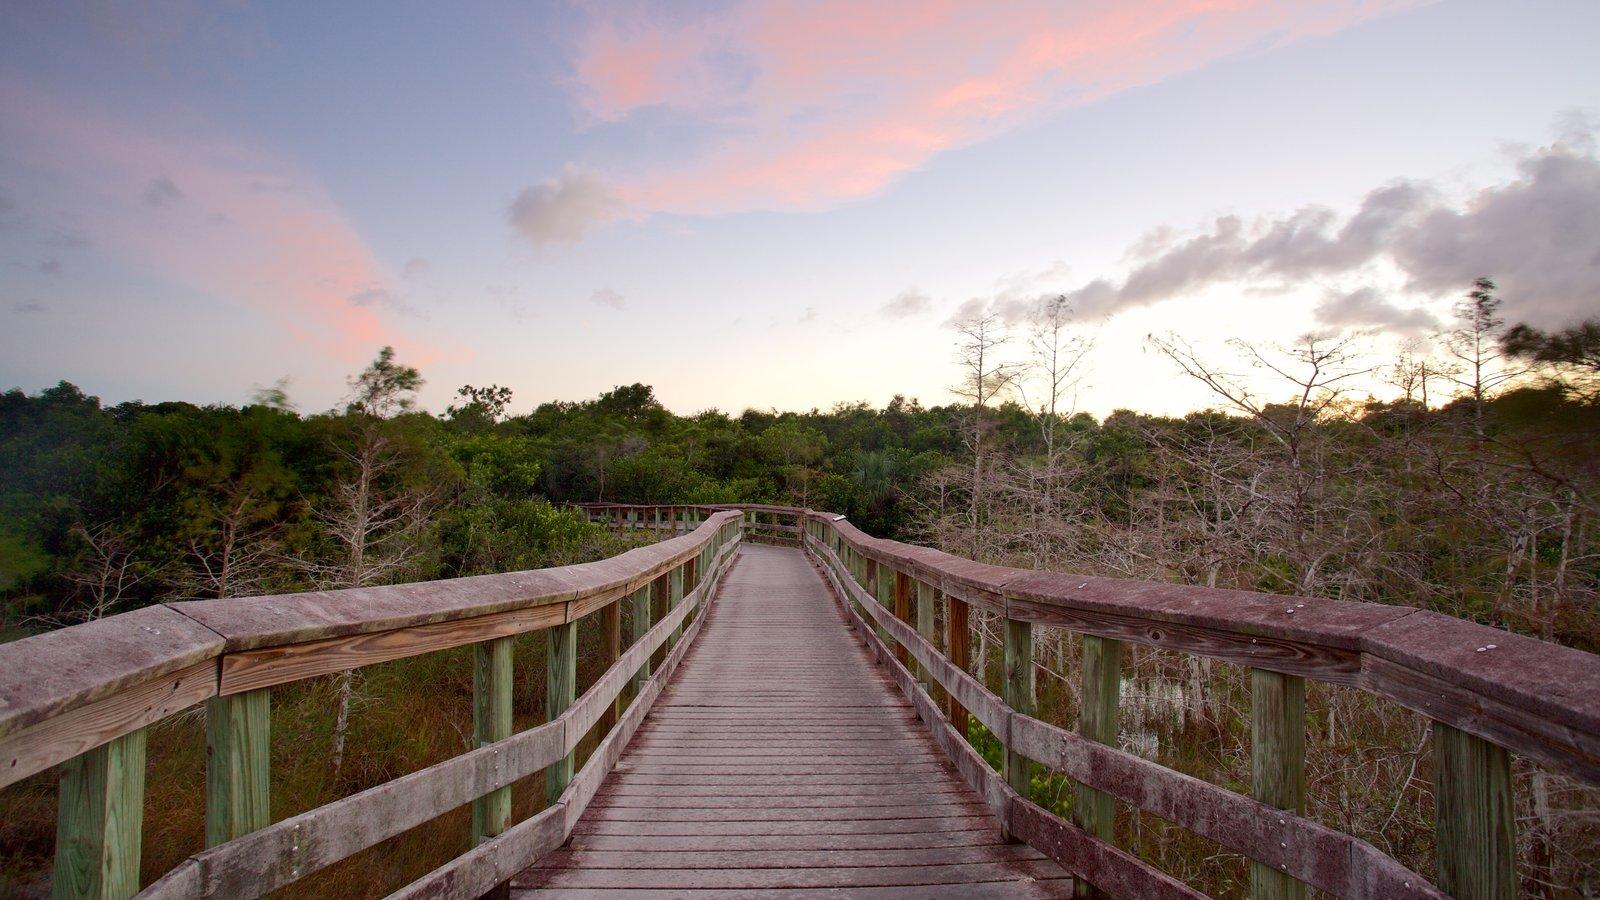 エバーグレーズ国立公園の画像 p1_25